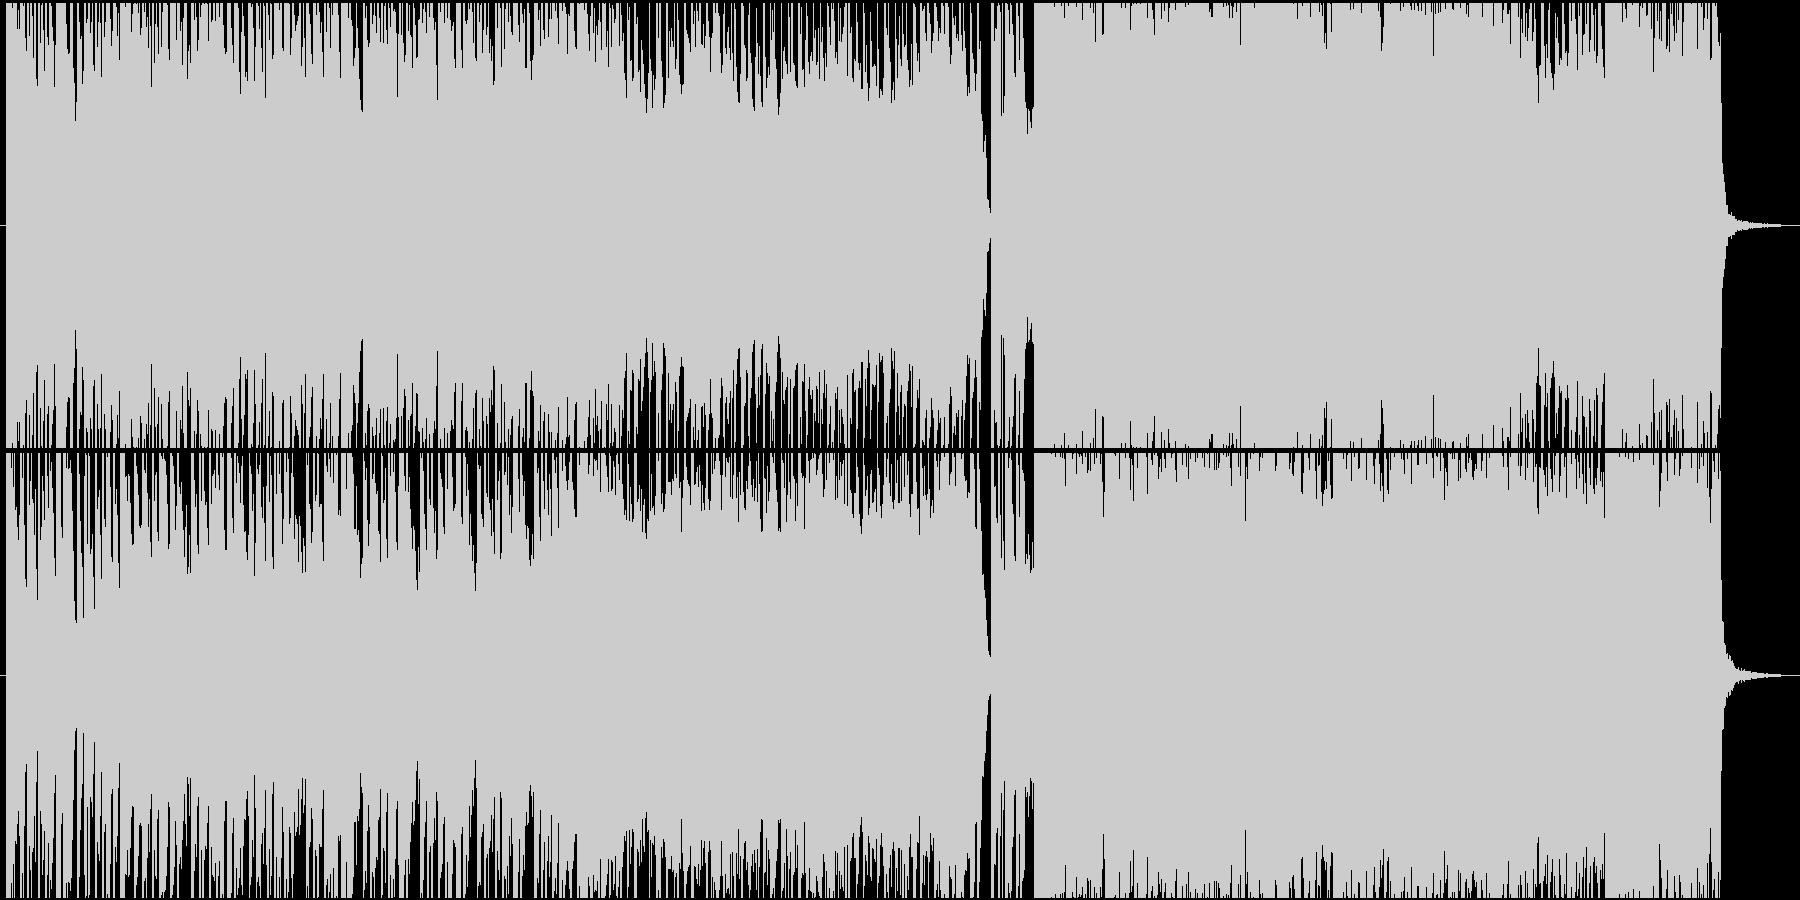 アニソンED風バイオリンテクノバラード♪の未再生の波形